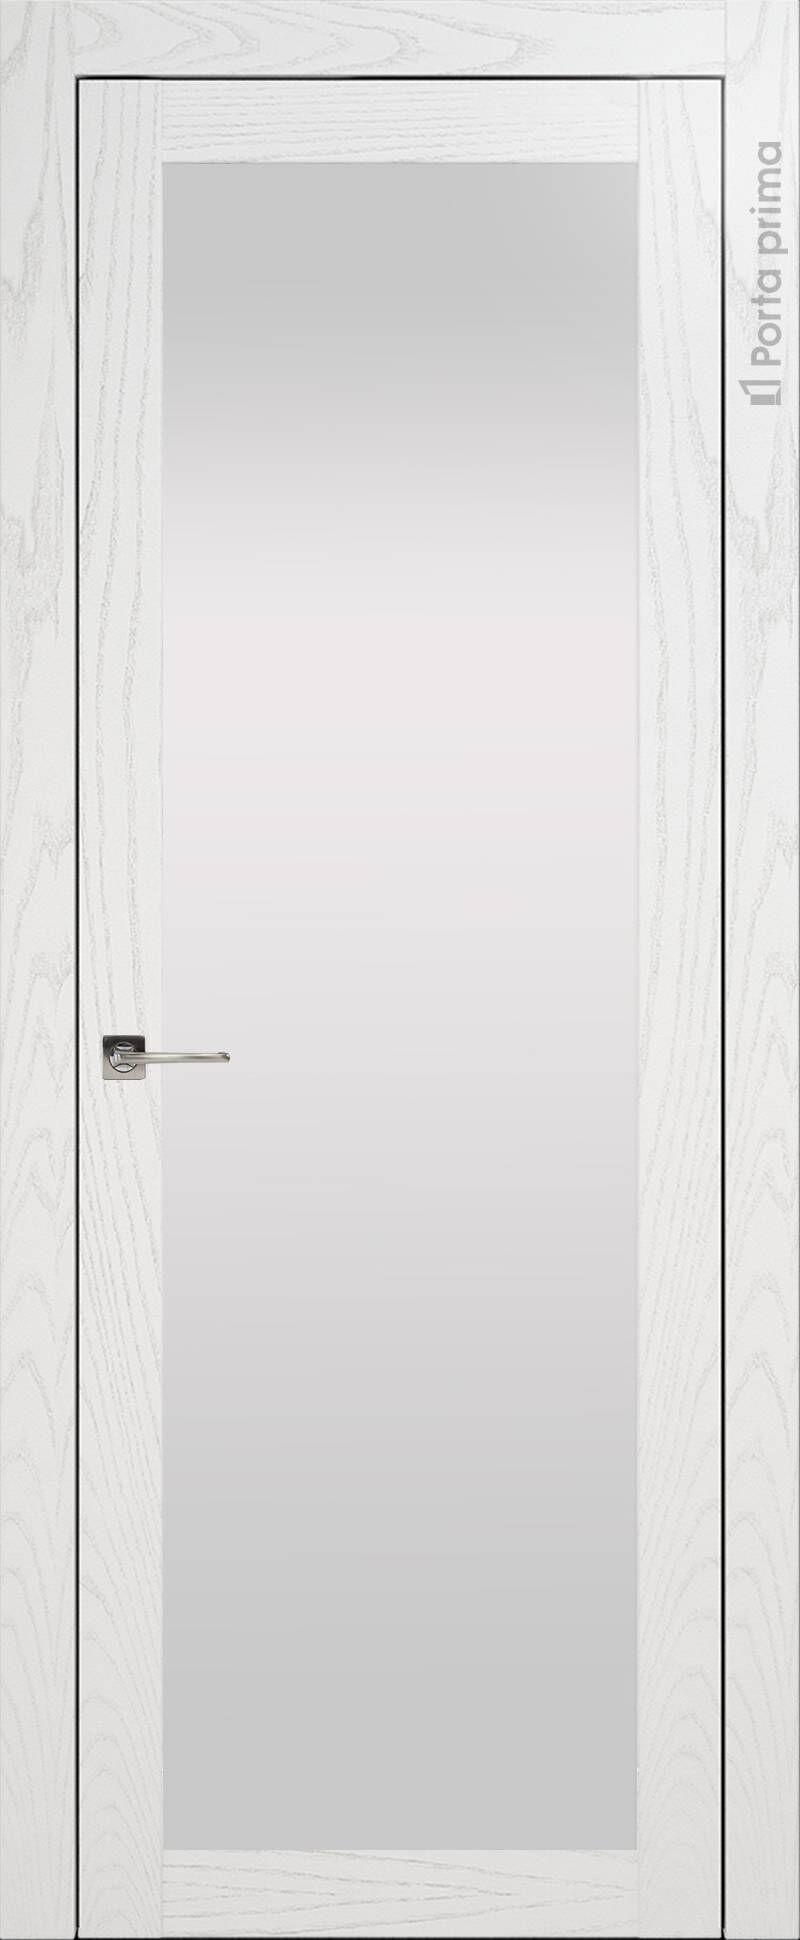 Tivoli З-1 цвет - Белый ясень (шпон) Со стеклом (ДО)